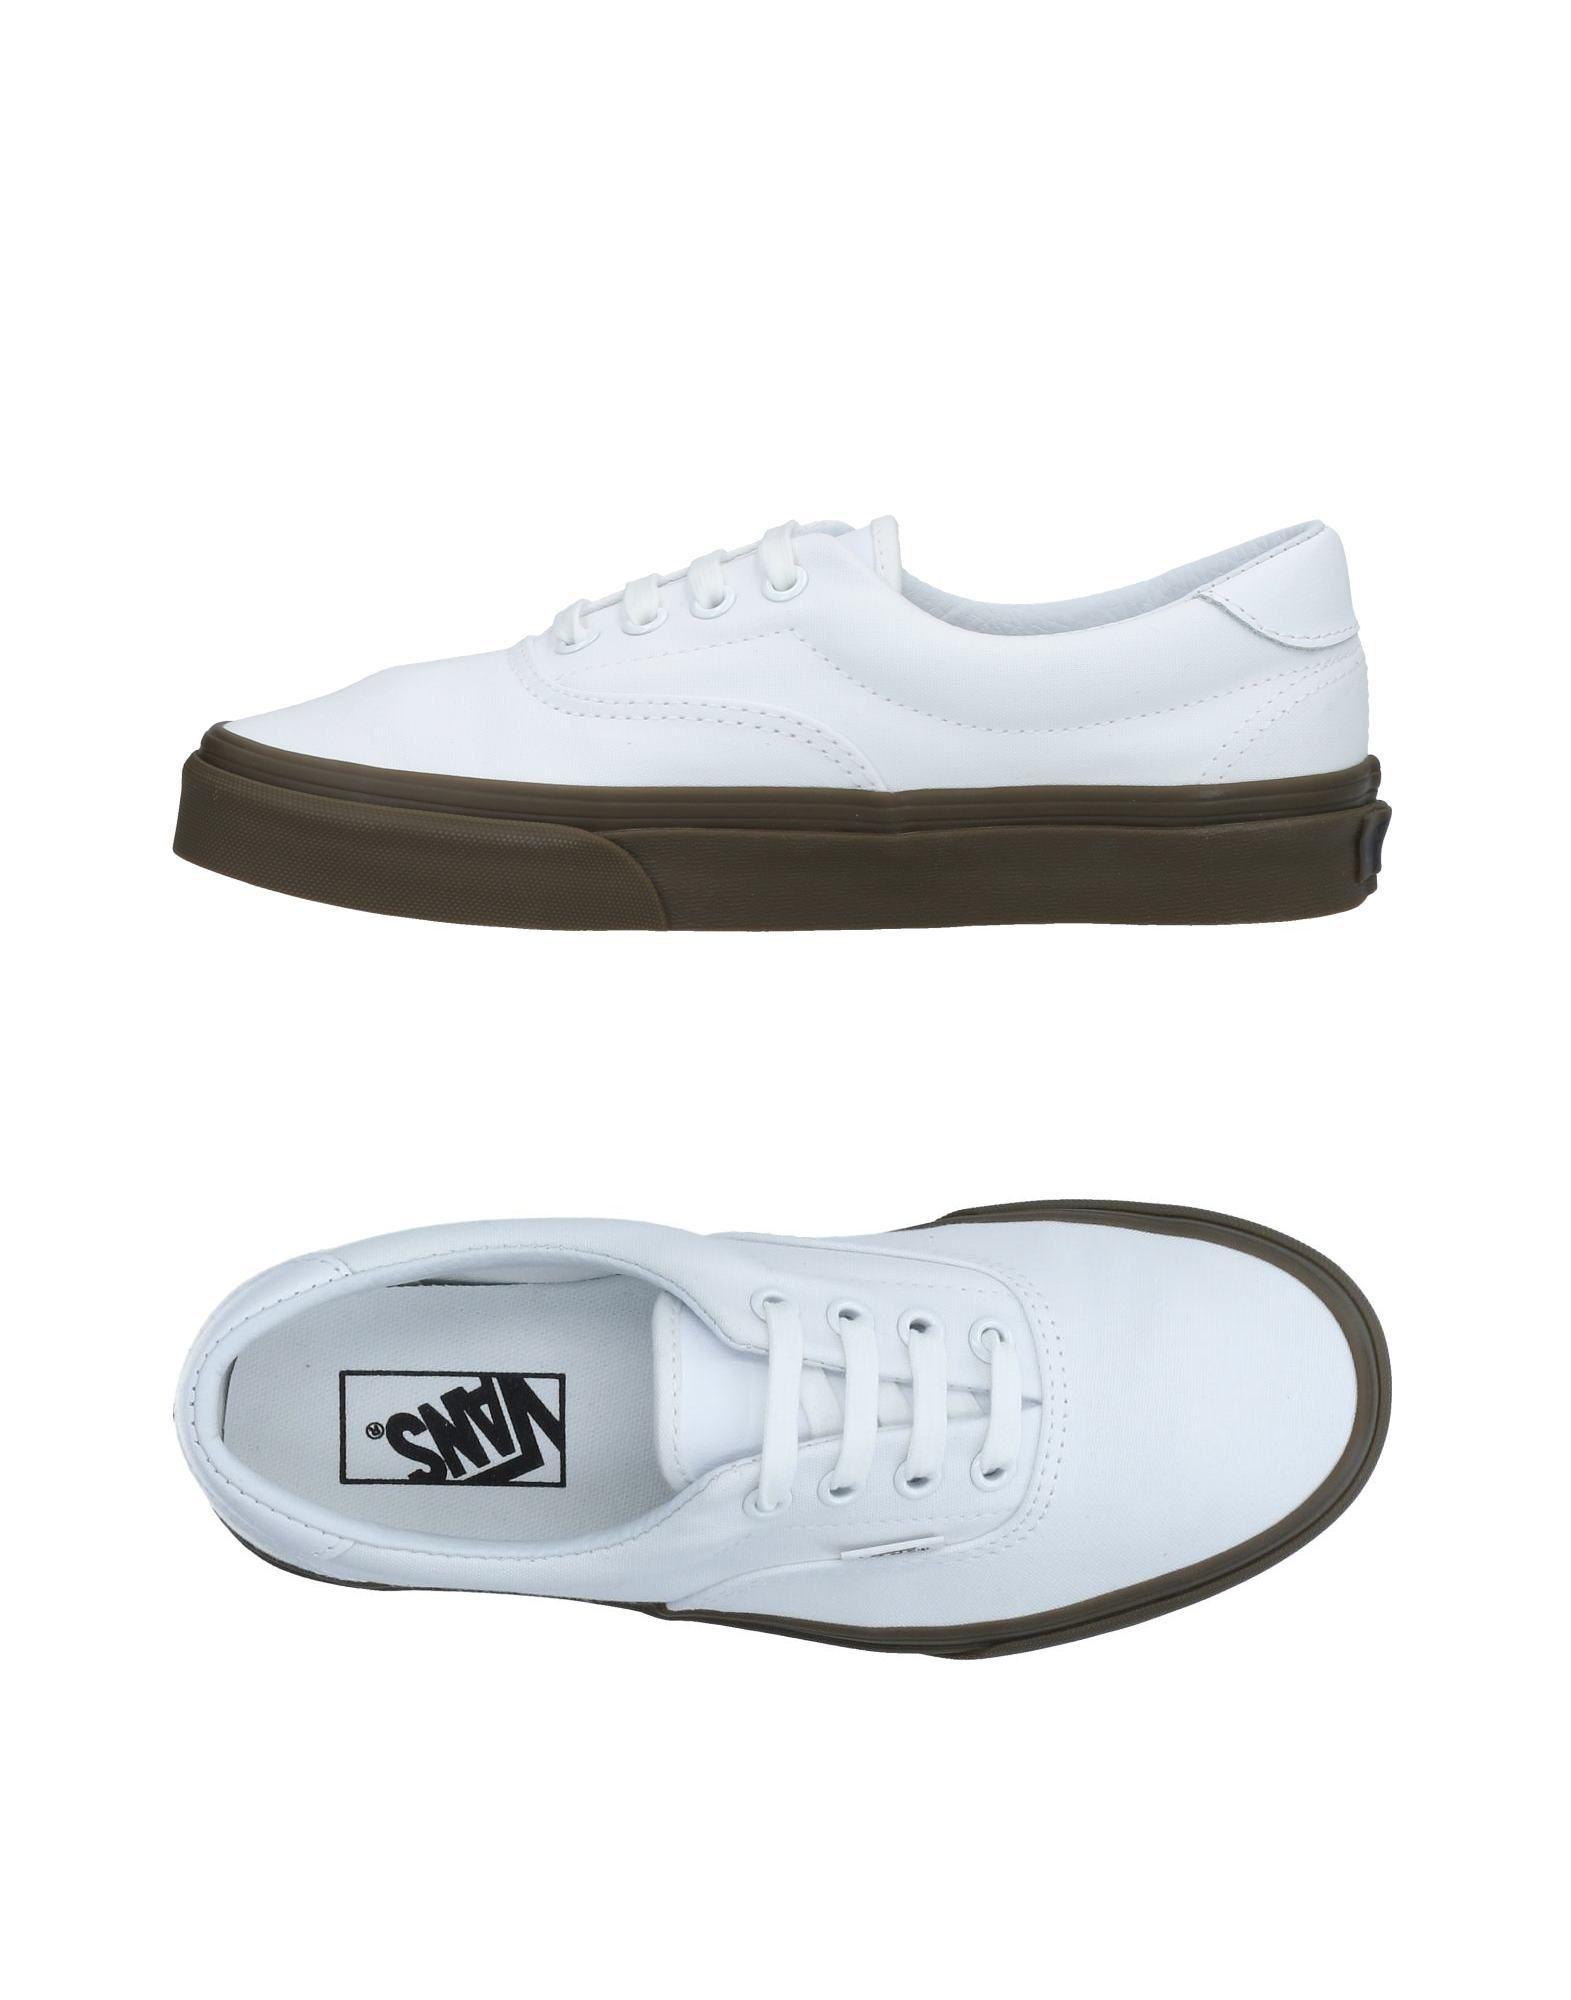 Vans Sneakers Damen  11475930HU Schuhe Gute Qualität beliebte Schuhe 11475930HU 9d0cef